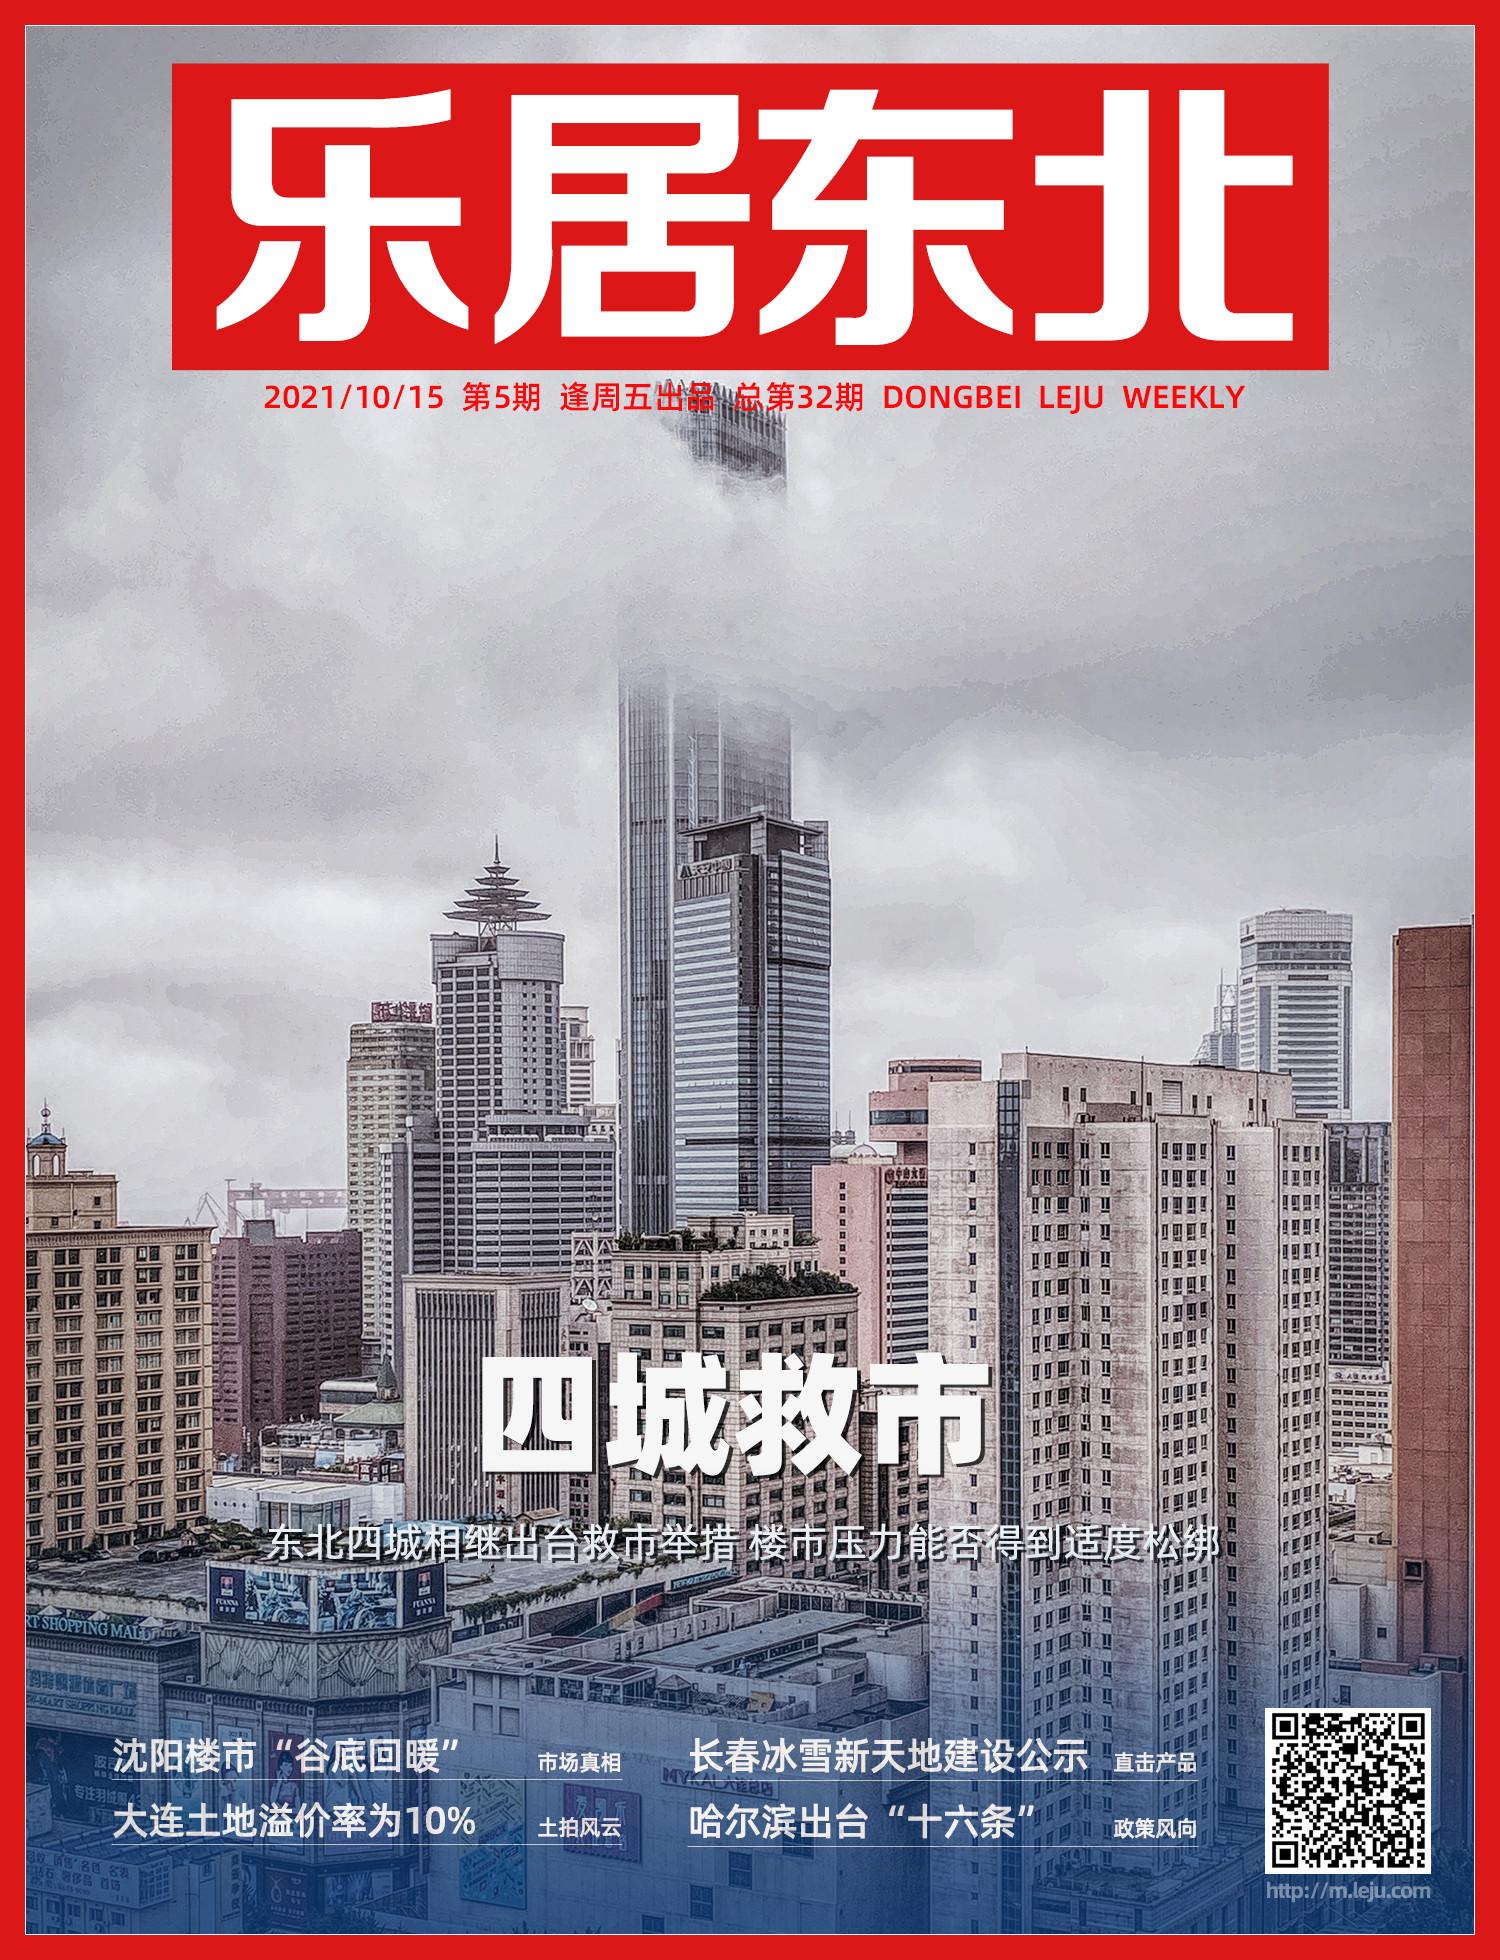 《乐居东北》周刊(第5期)